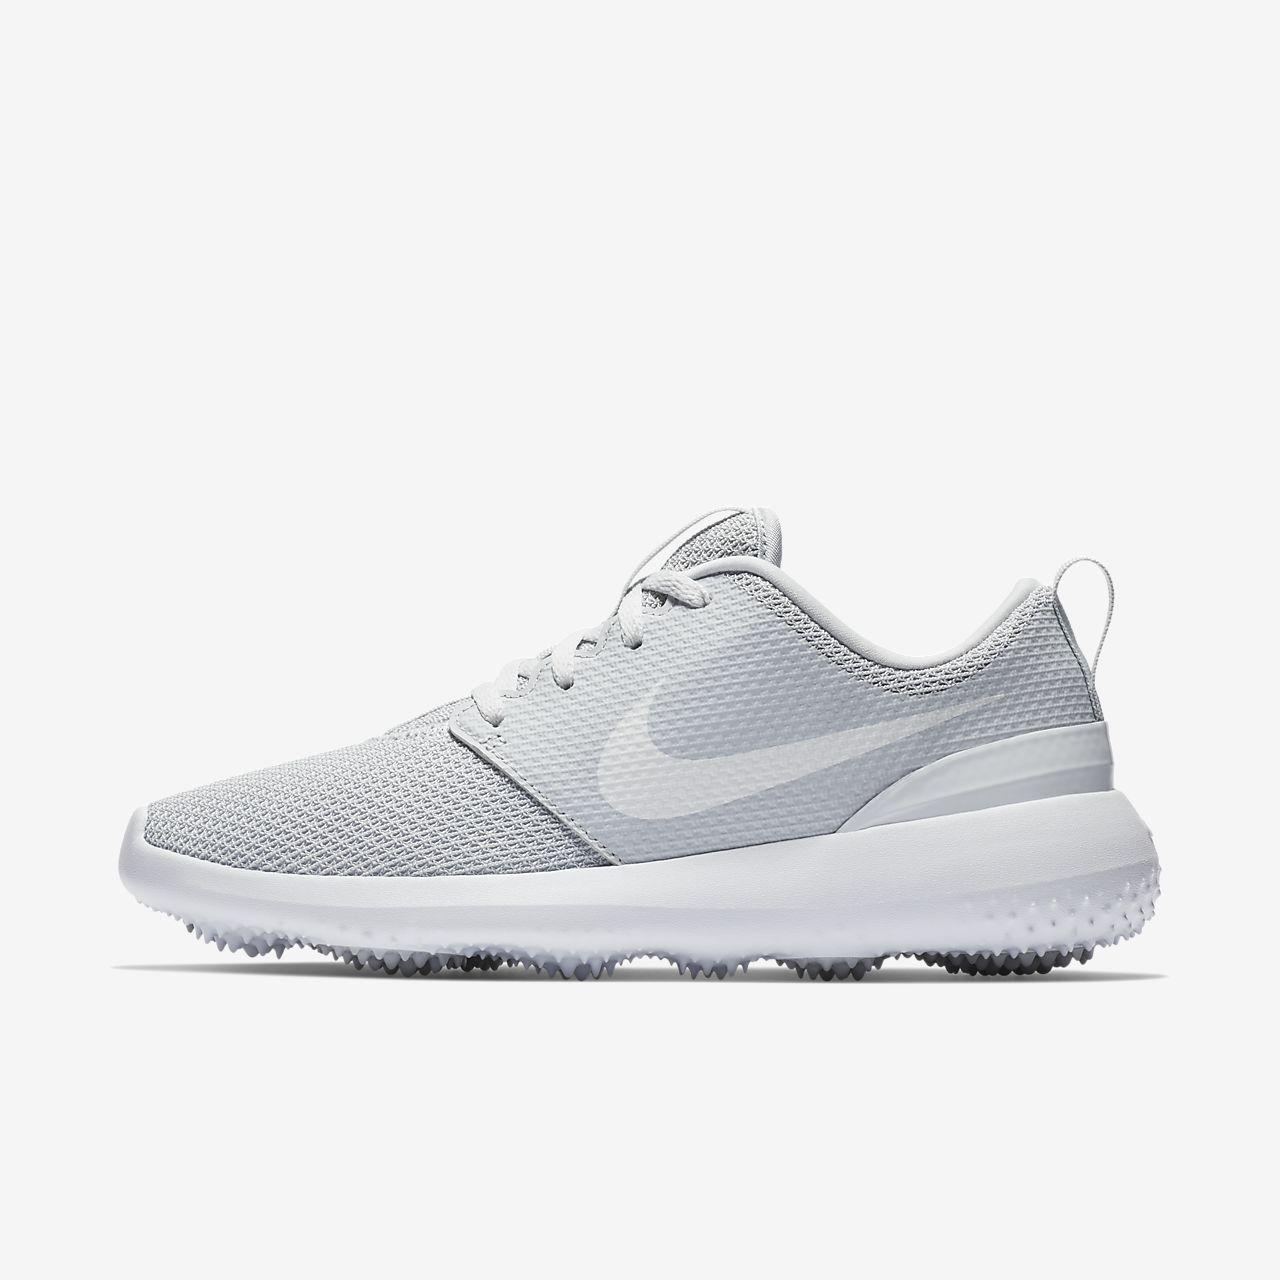 82fce8d19c6b4 Nike Roshe G Women s Golf Shoe. Nike.com LU